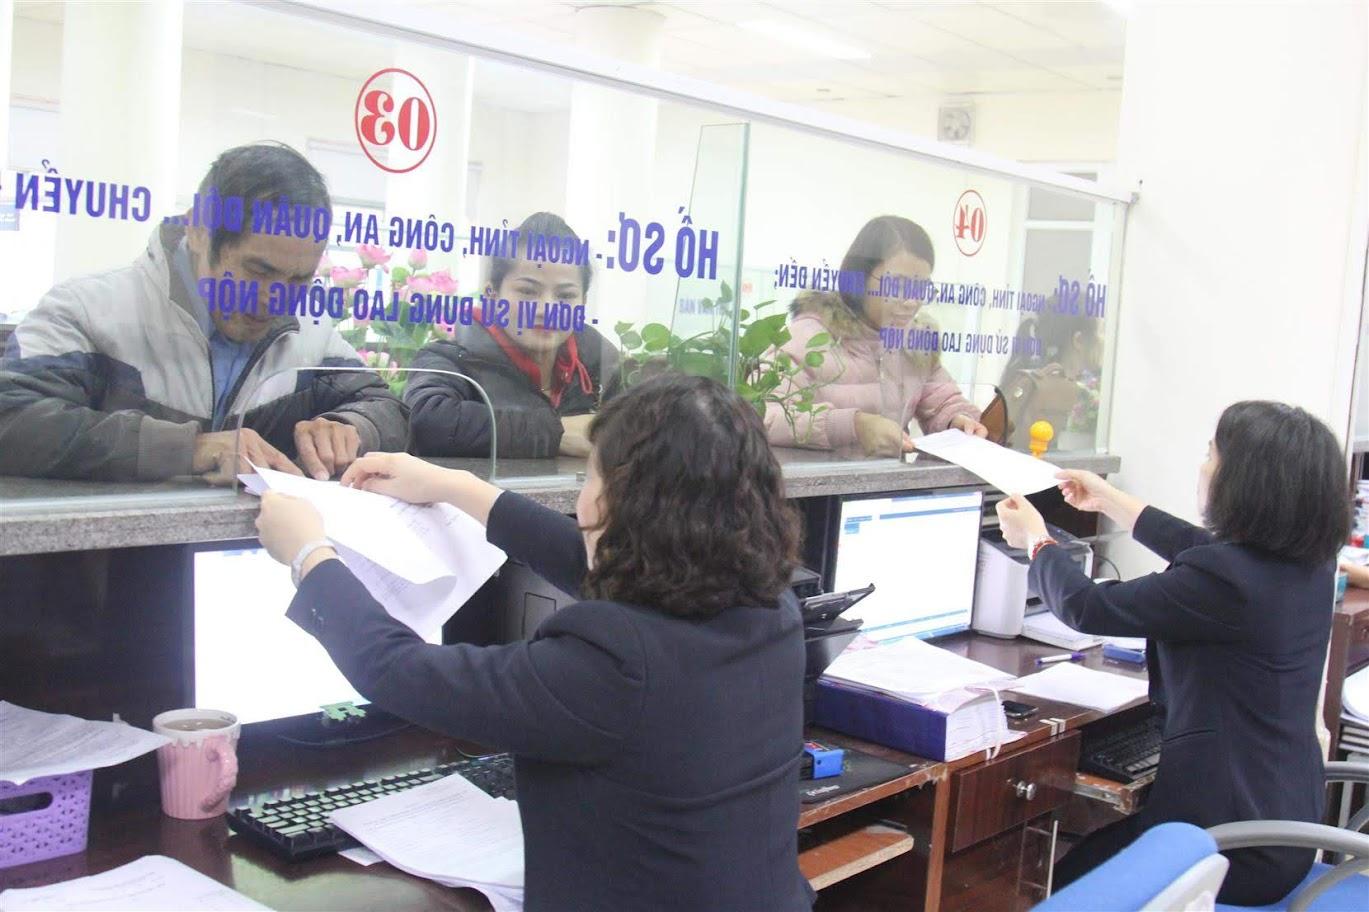 Cán bộ Bảo hiểm xã hội tỉnh giải quyết thủ tục hành chính cho người dân - Ảnh: Ngọc Anh